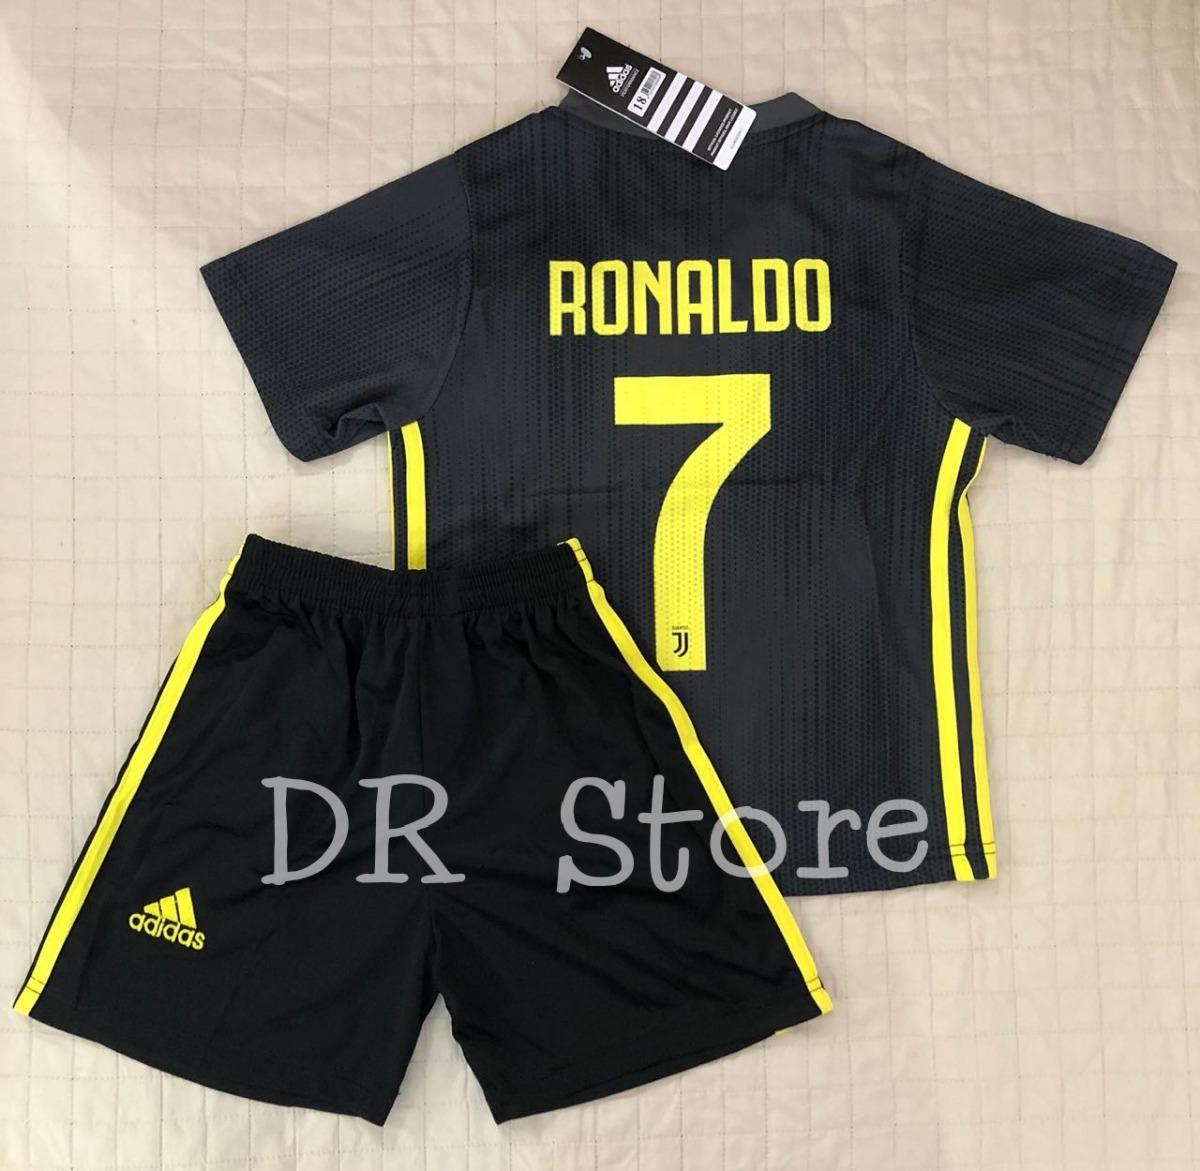 7671ceb48d0 kit infantil 2019 ronaldo 7 com meiao. Carregando zoom.